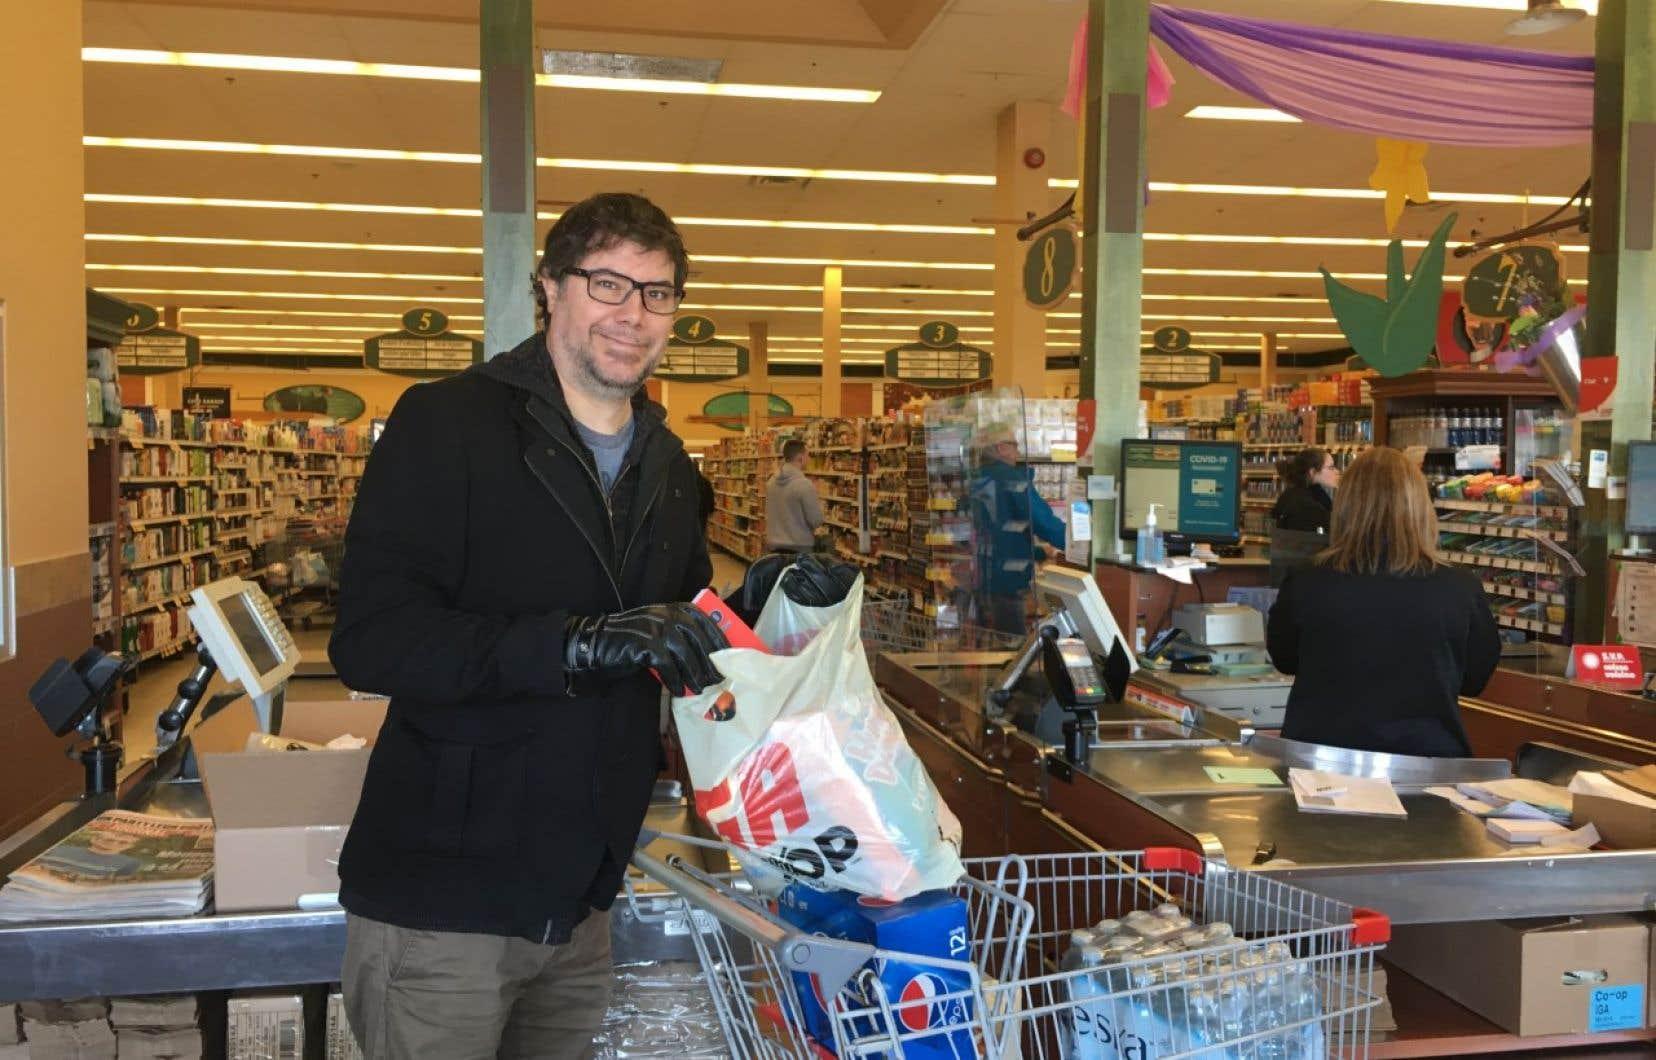 Jusqu'à présent, Guillaume Morrissette a recueilli près de 5000$ en dons pour aider les personnes à faible revenu et les sans-abri.